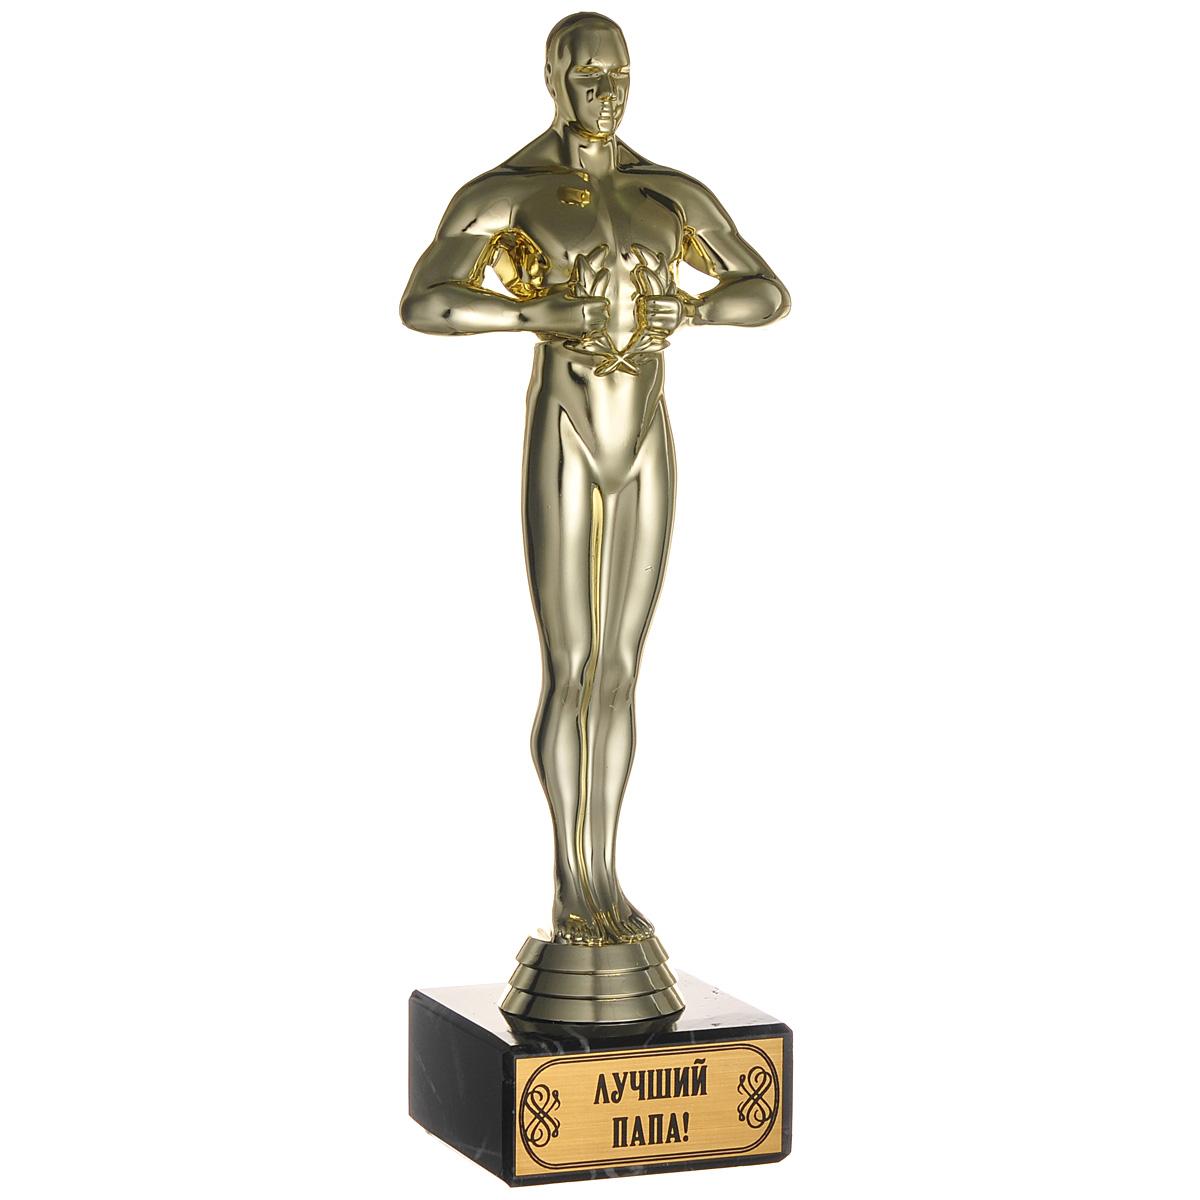 Кубок Оскар. Лучший папа!, высота 24 см кубок город подарков руководитель лучший в профессии высота 18 см